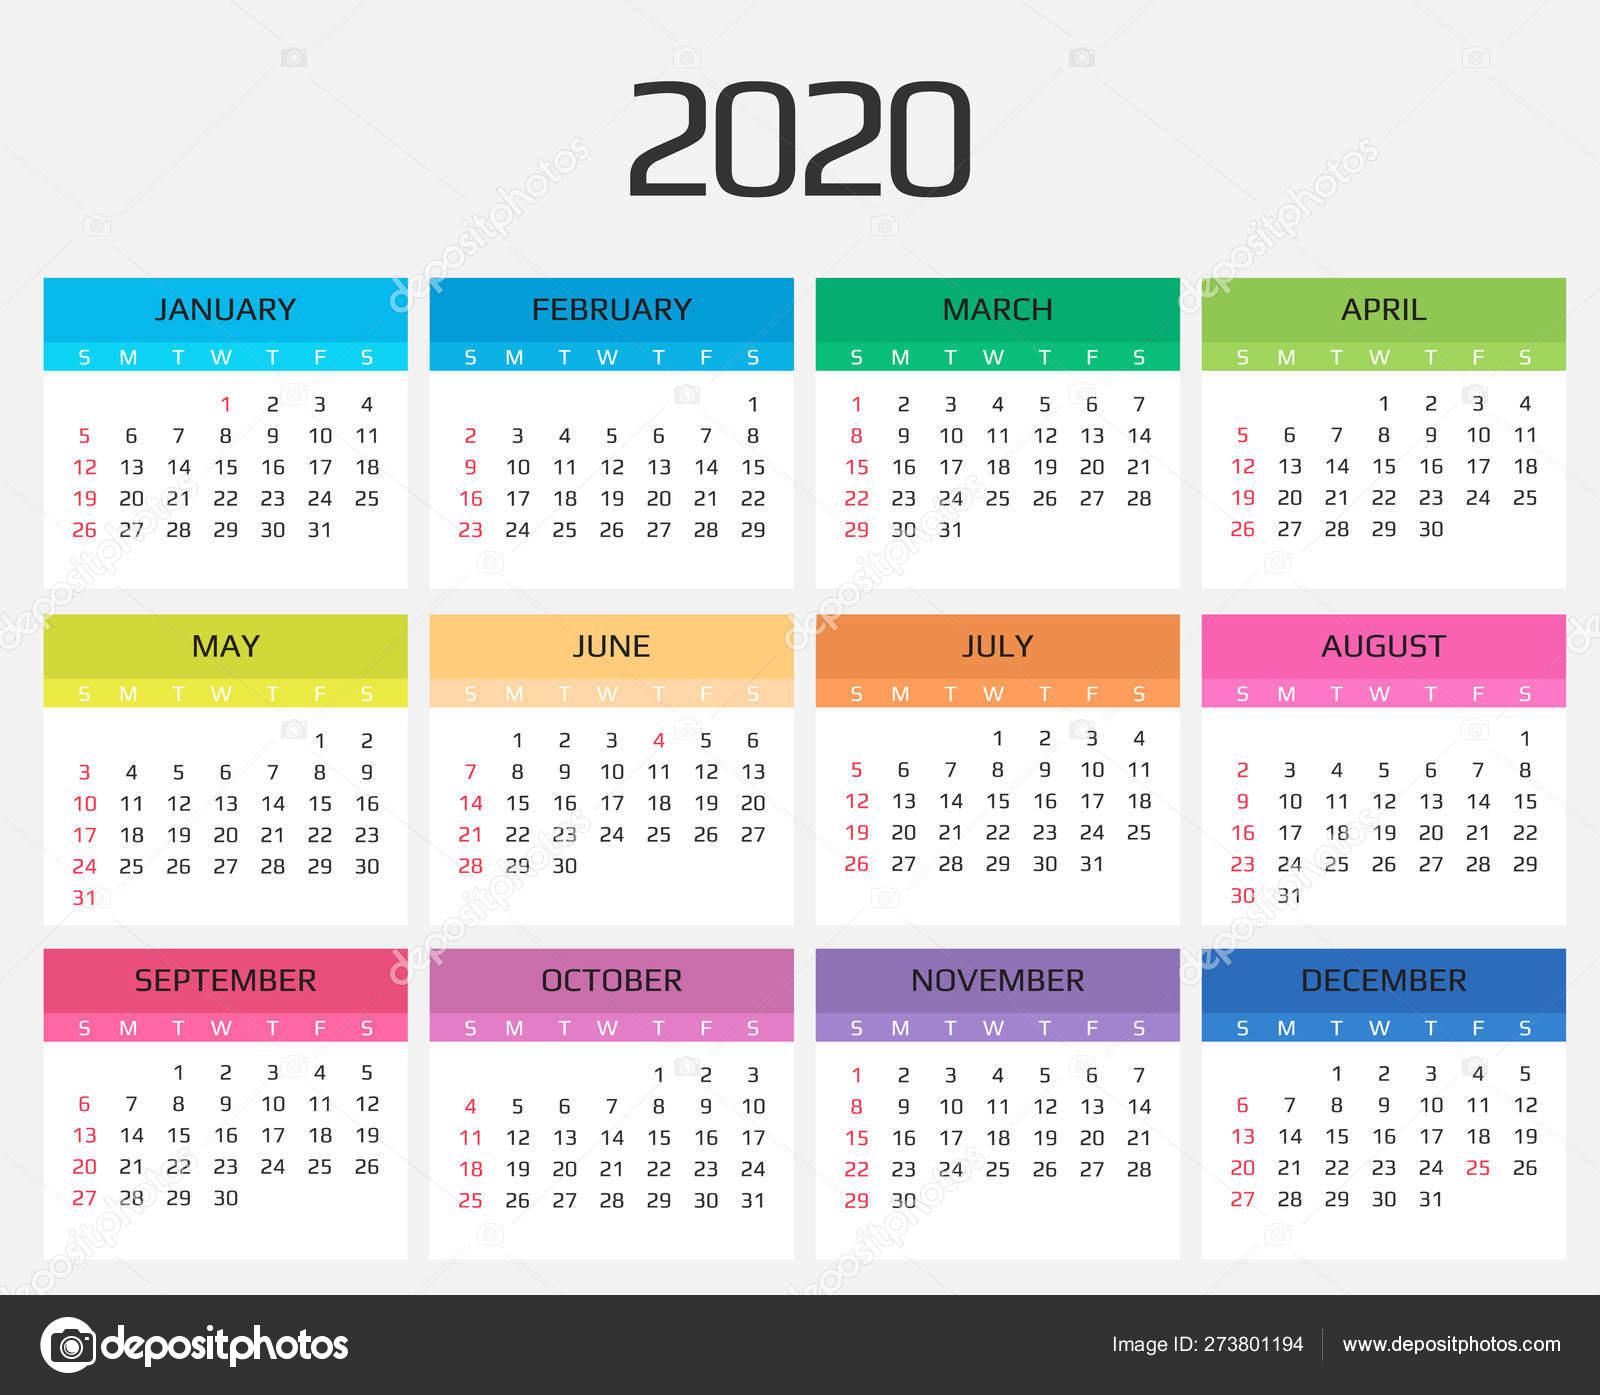 Calendario 2020 Plantilla. 12 Meses. Incluyen Un Evento in Calendario 2020 Con Semanas